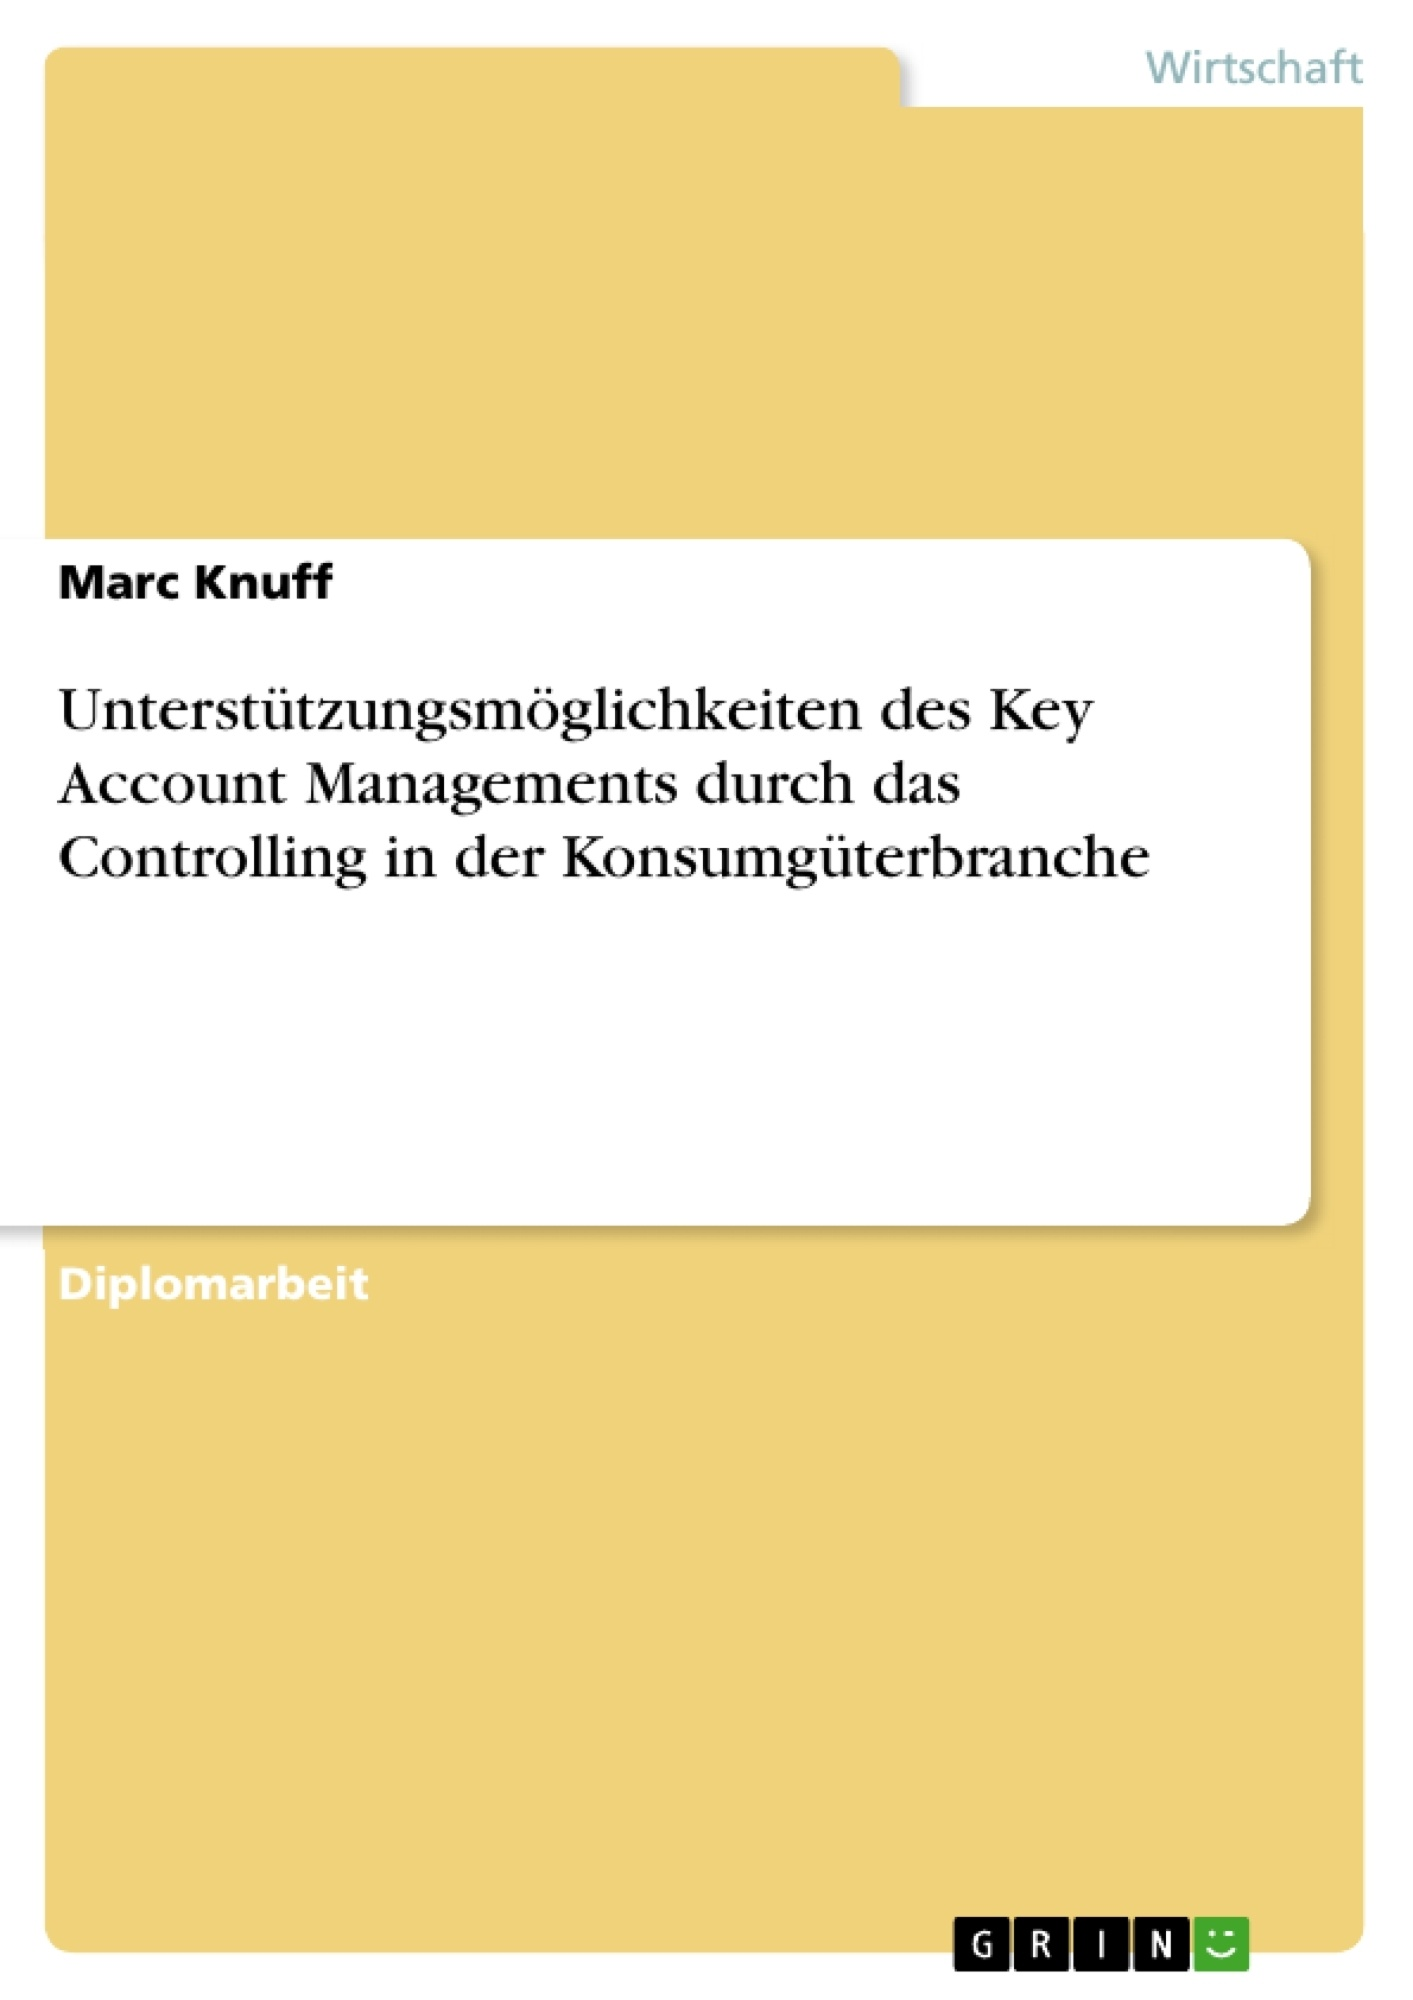 Titel: Unterstützungsmöglichkeiten des Key Account Managements durch das Controlling in der Konsumgüterbranche